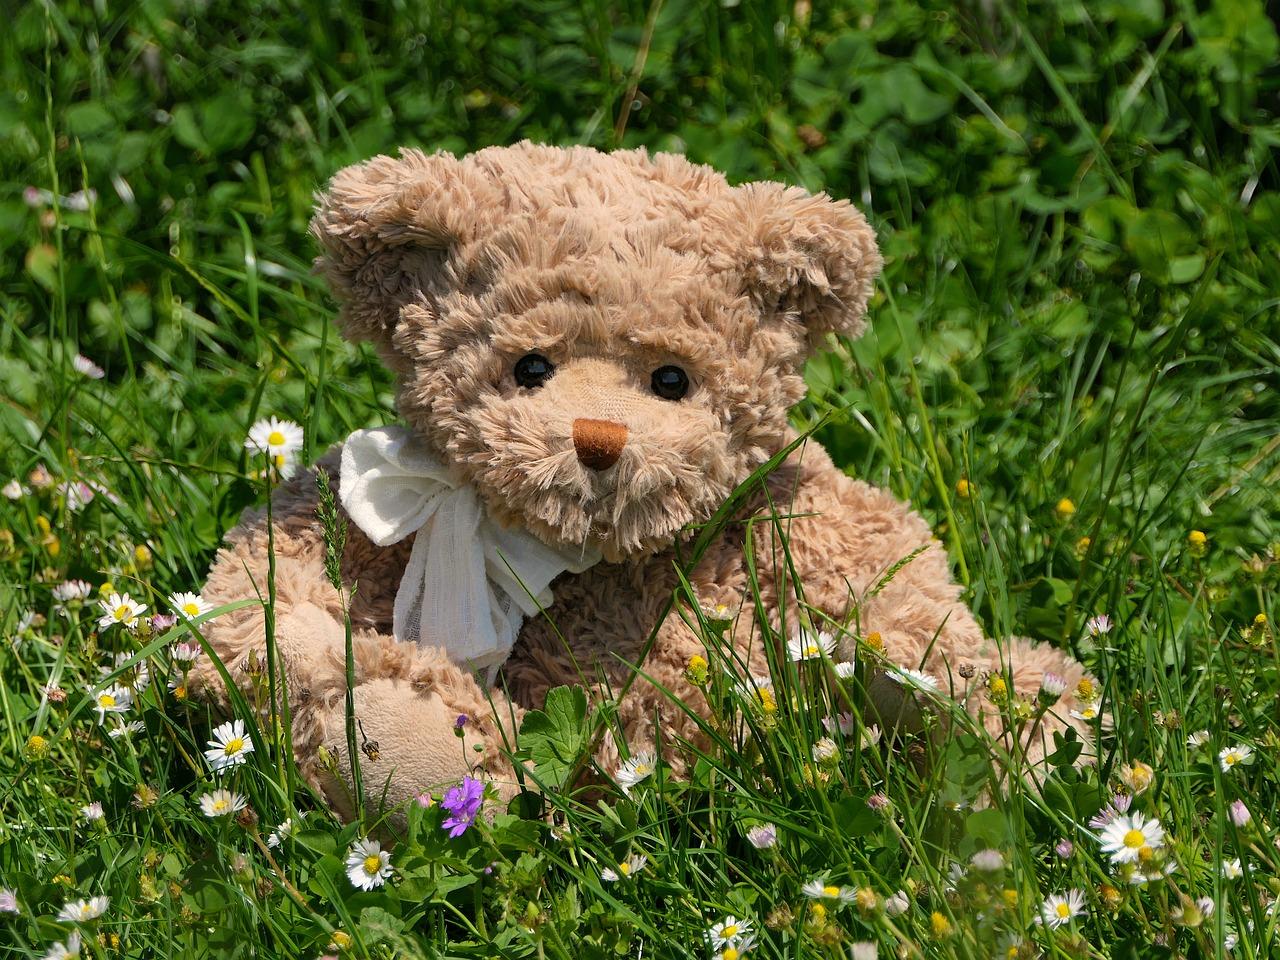 teddy-3394723_1280.jpg